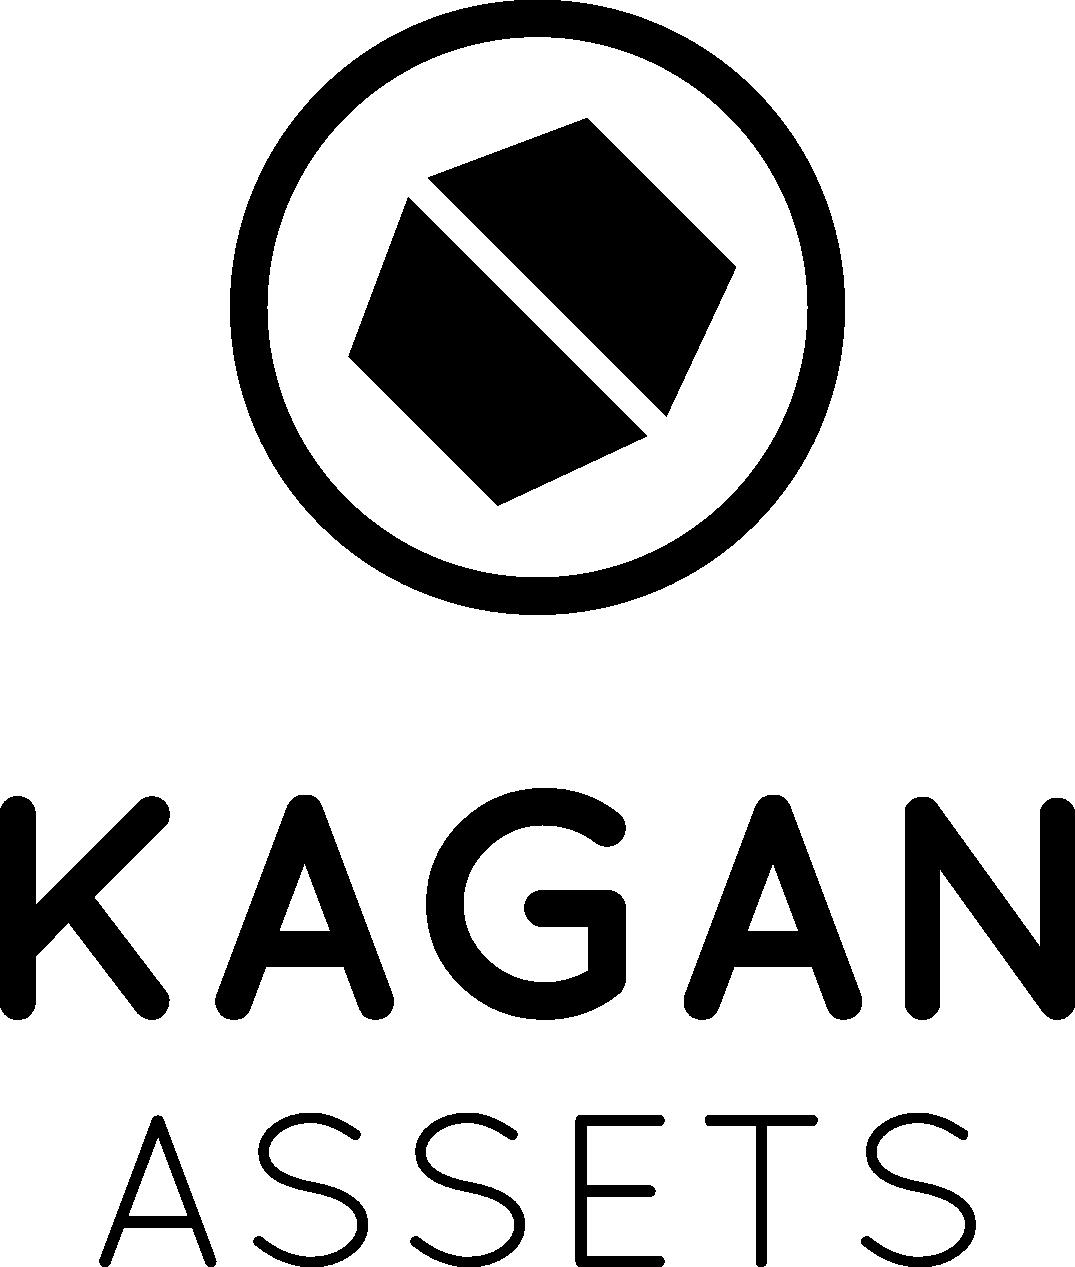 kagan assets- company logo